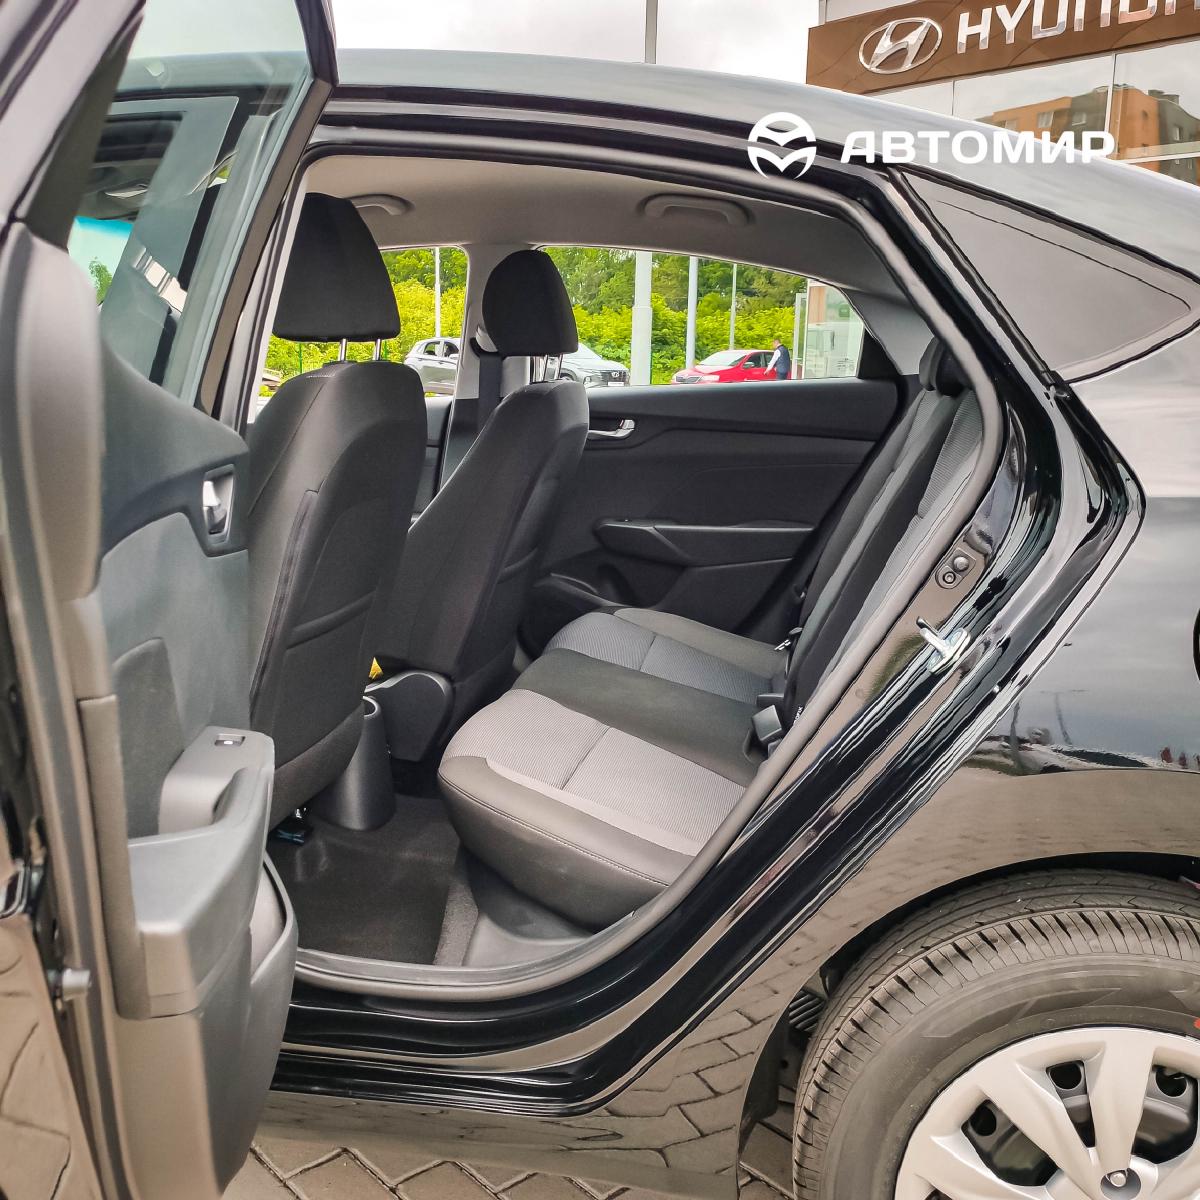 Hyundai стильний Accent вже в автосалоні! | Хюндай Мотор Україна - фото 13